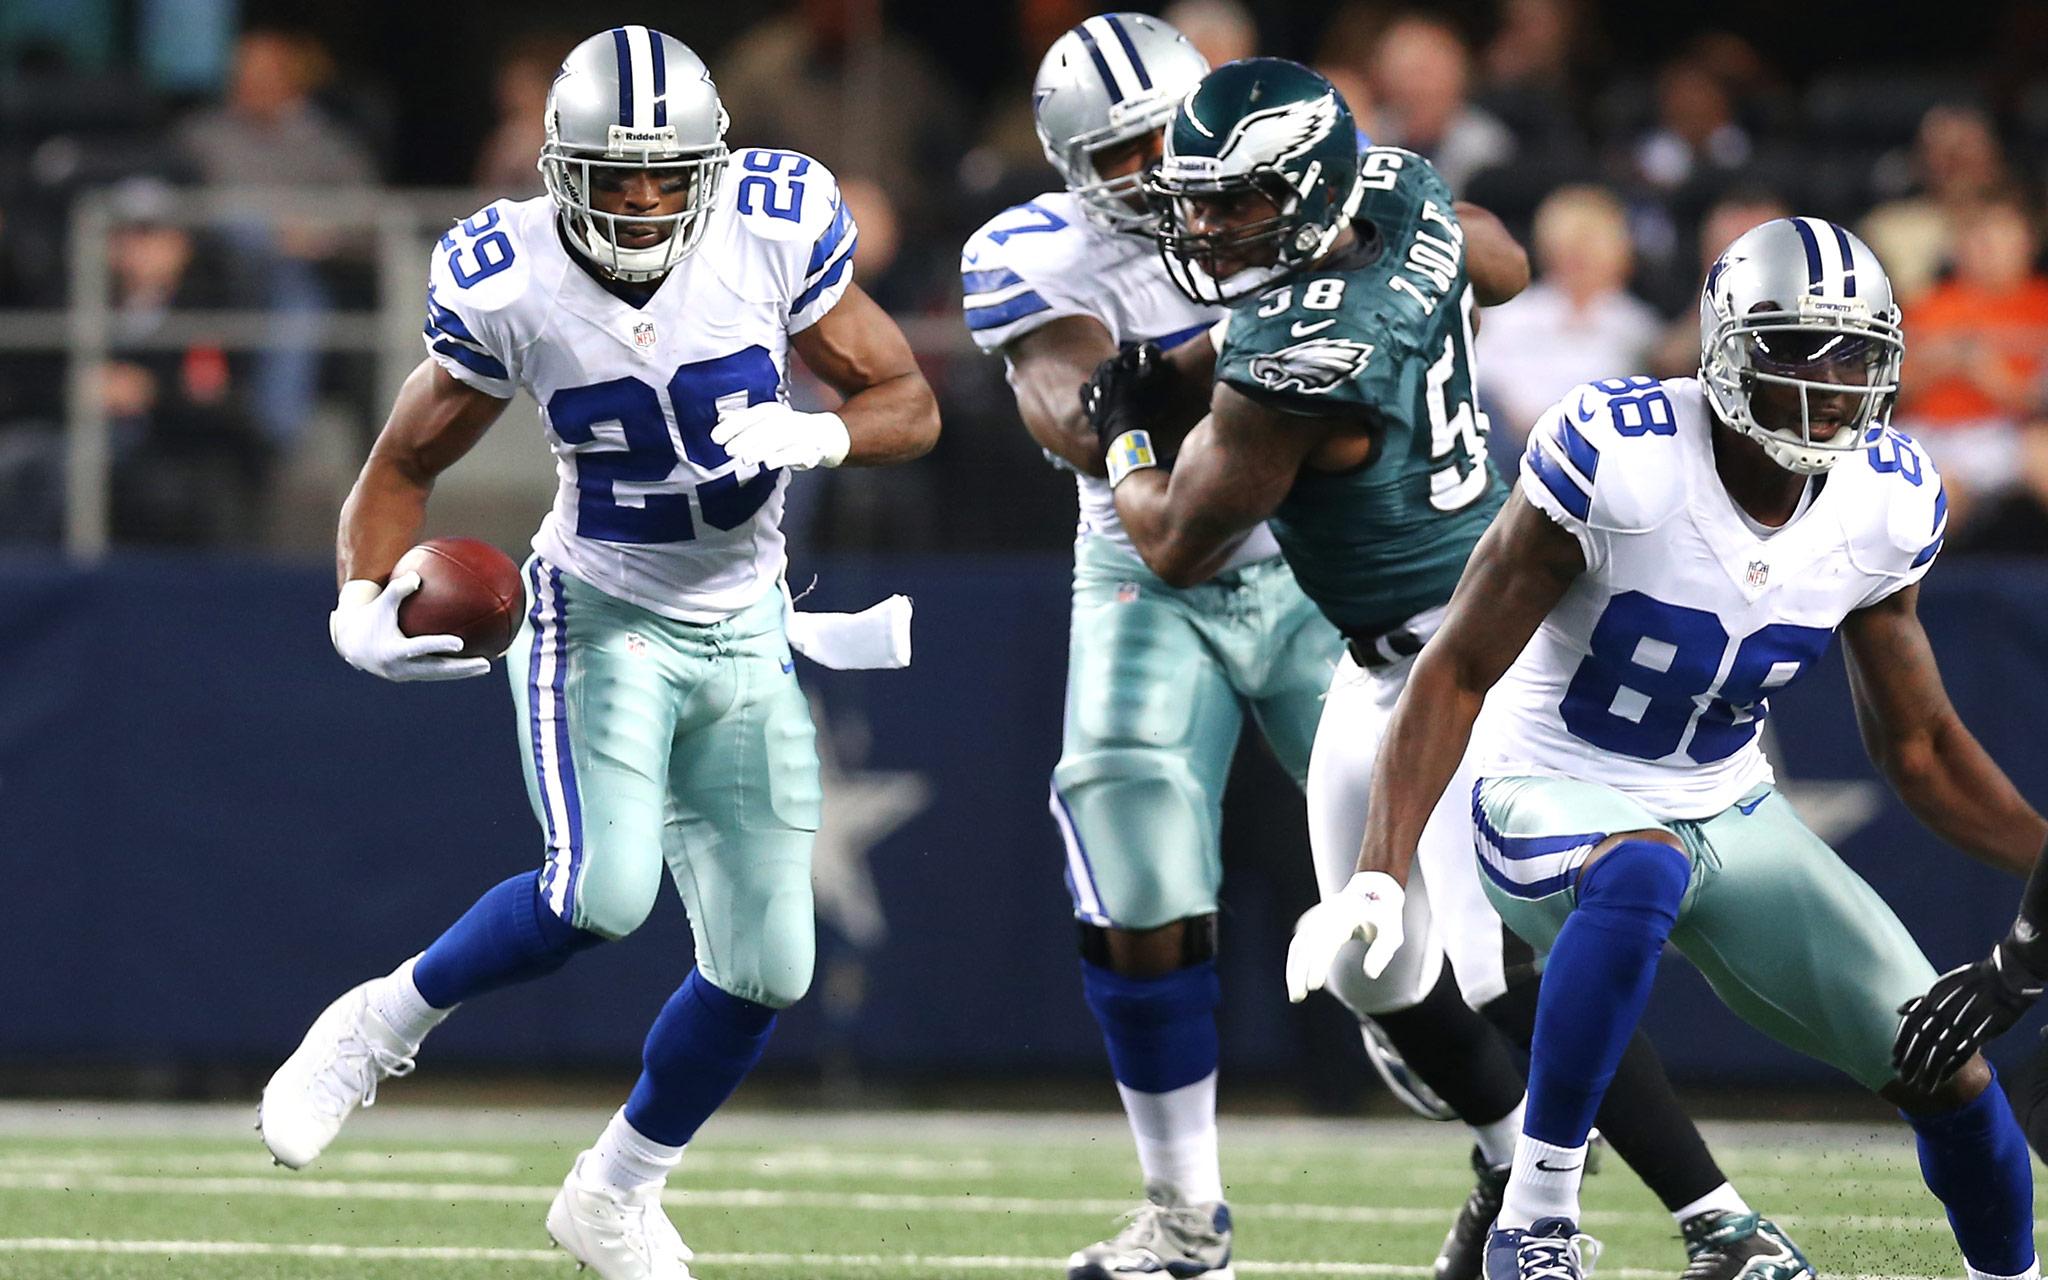 Dec 29 Vs Eagles Dallas Cowboys 2013 Schedule Espn